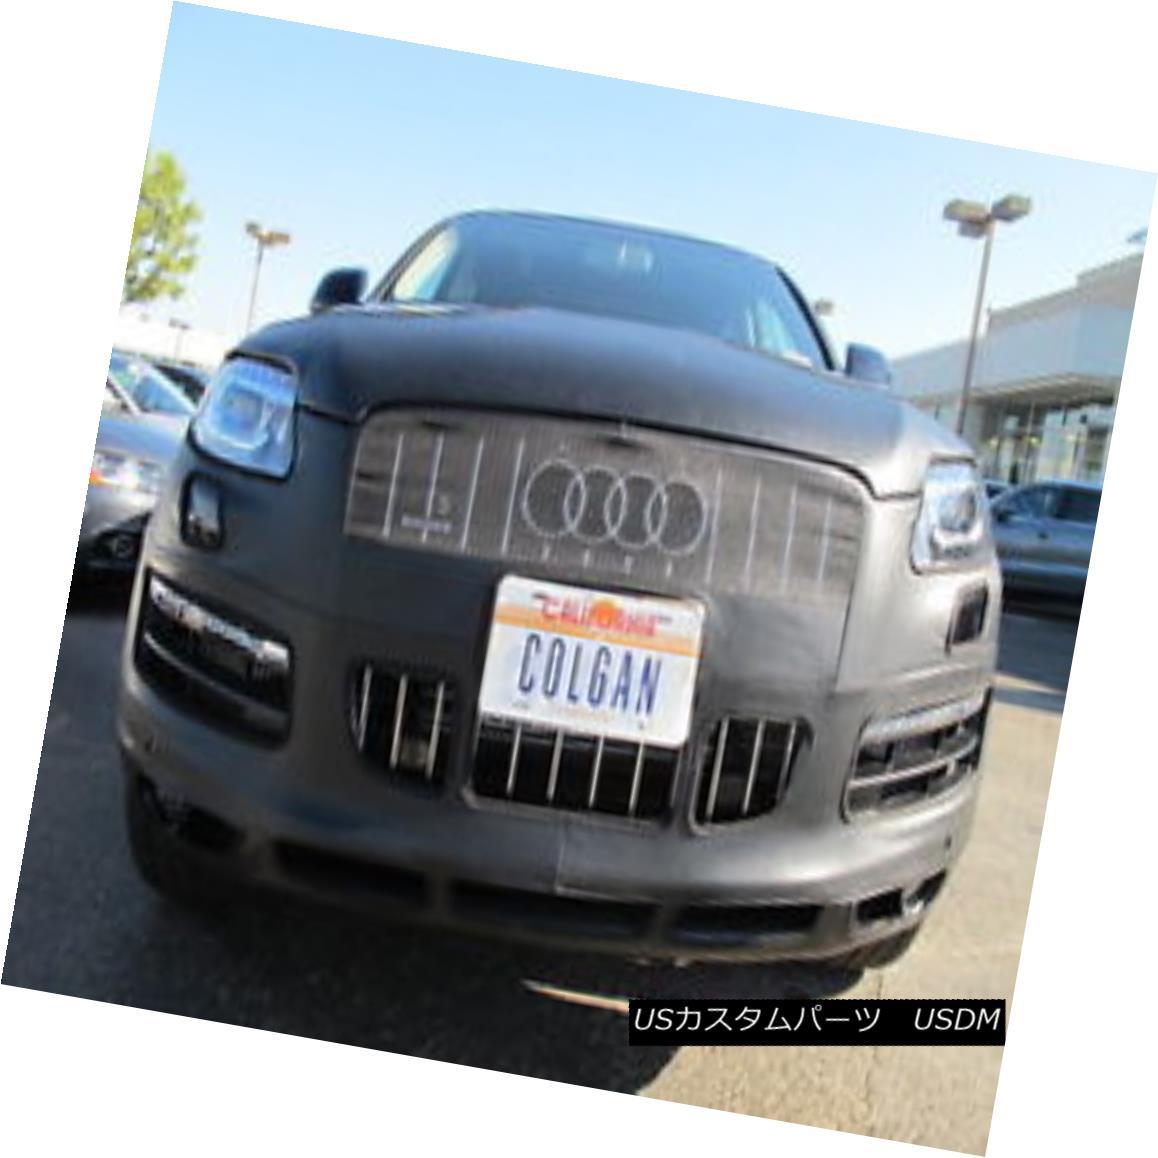 フルブラ ノーズブラ Colgan Front End Mask Bra 2pc. Fits Audi Q7 2011-14 W/License Plate,With Washer コルガンフロントエンドマスクブラ2pc Audi Q7 2011-14 W /ナンバープレート、ワッシャーに適合